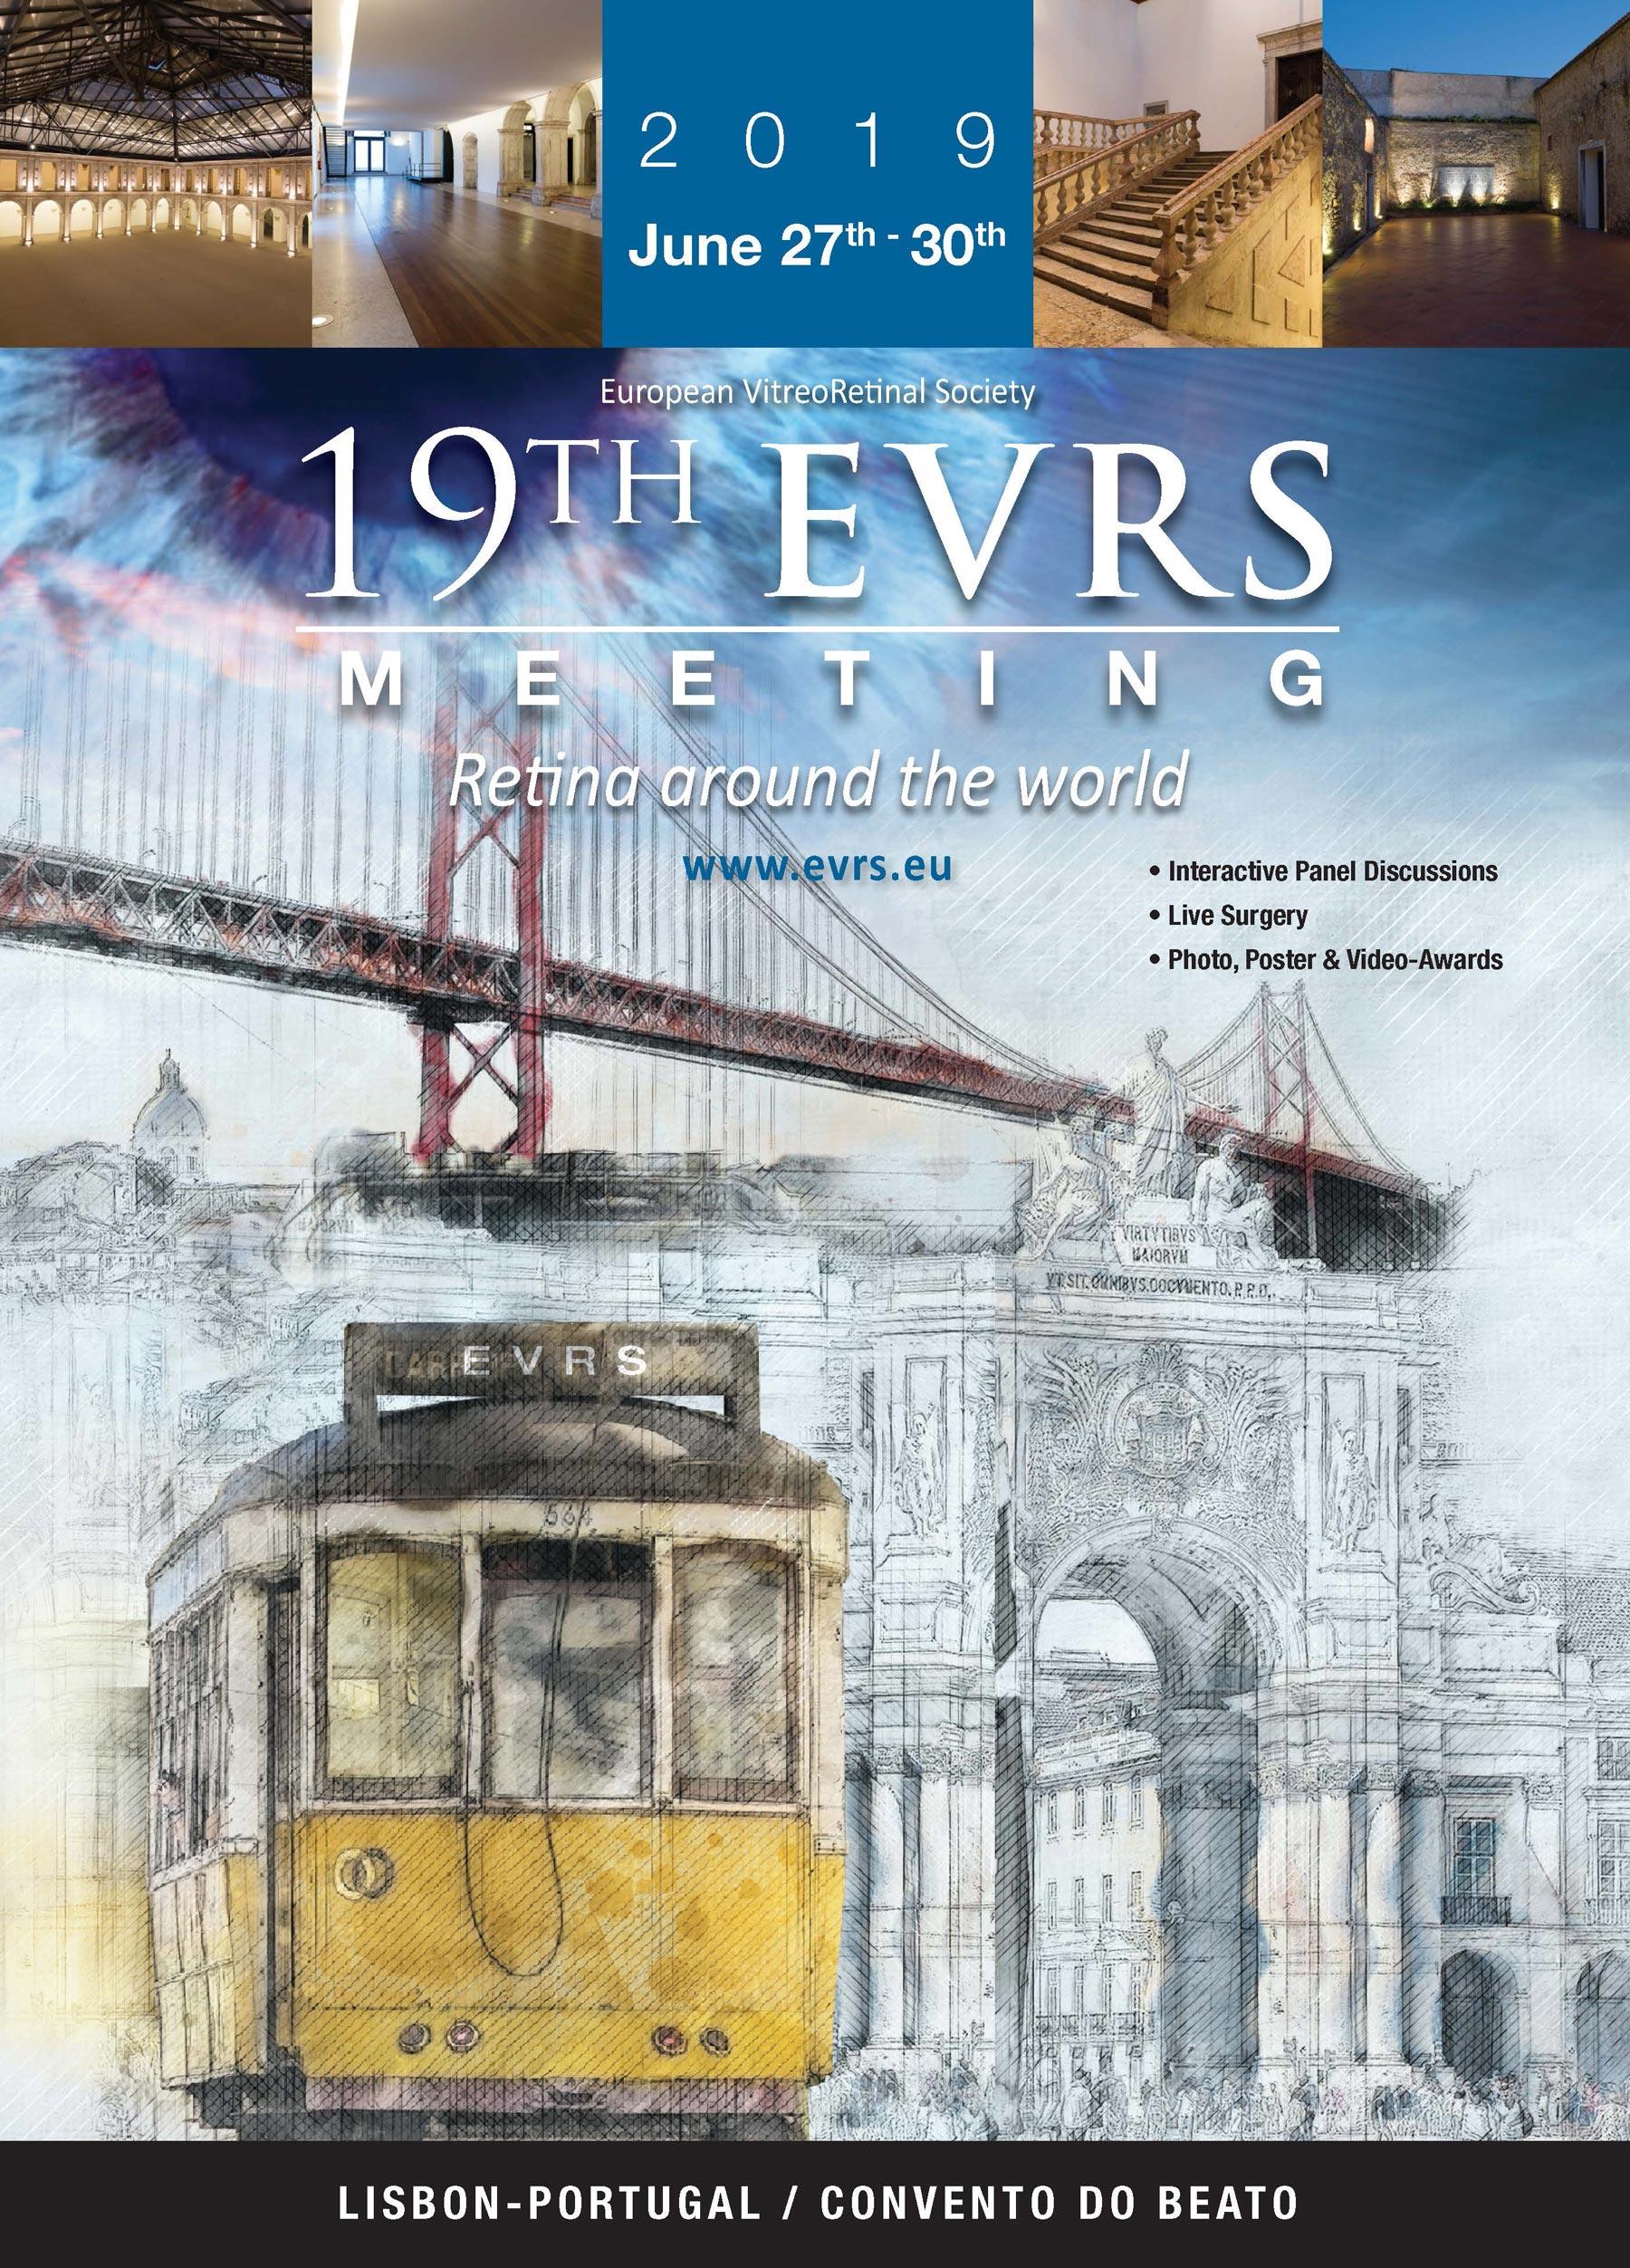 """Imagem da notícia: """"Retina around the world"""" no EVRS Meeting de Lisboa"""